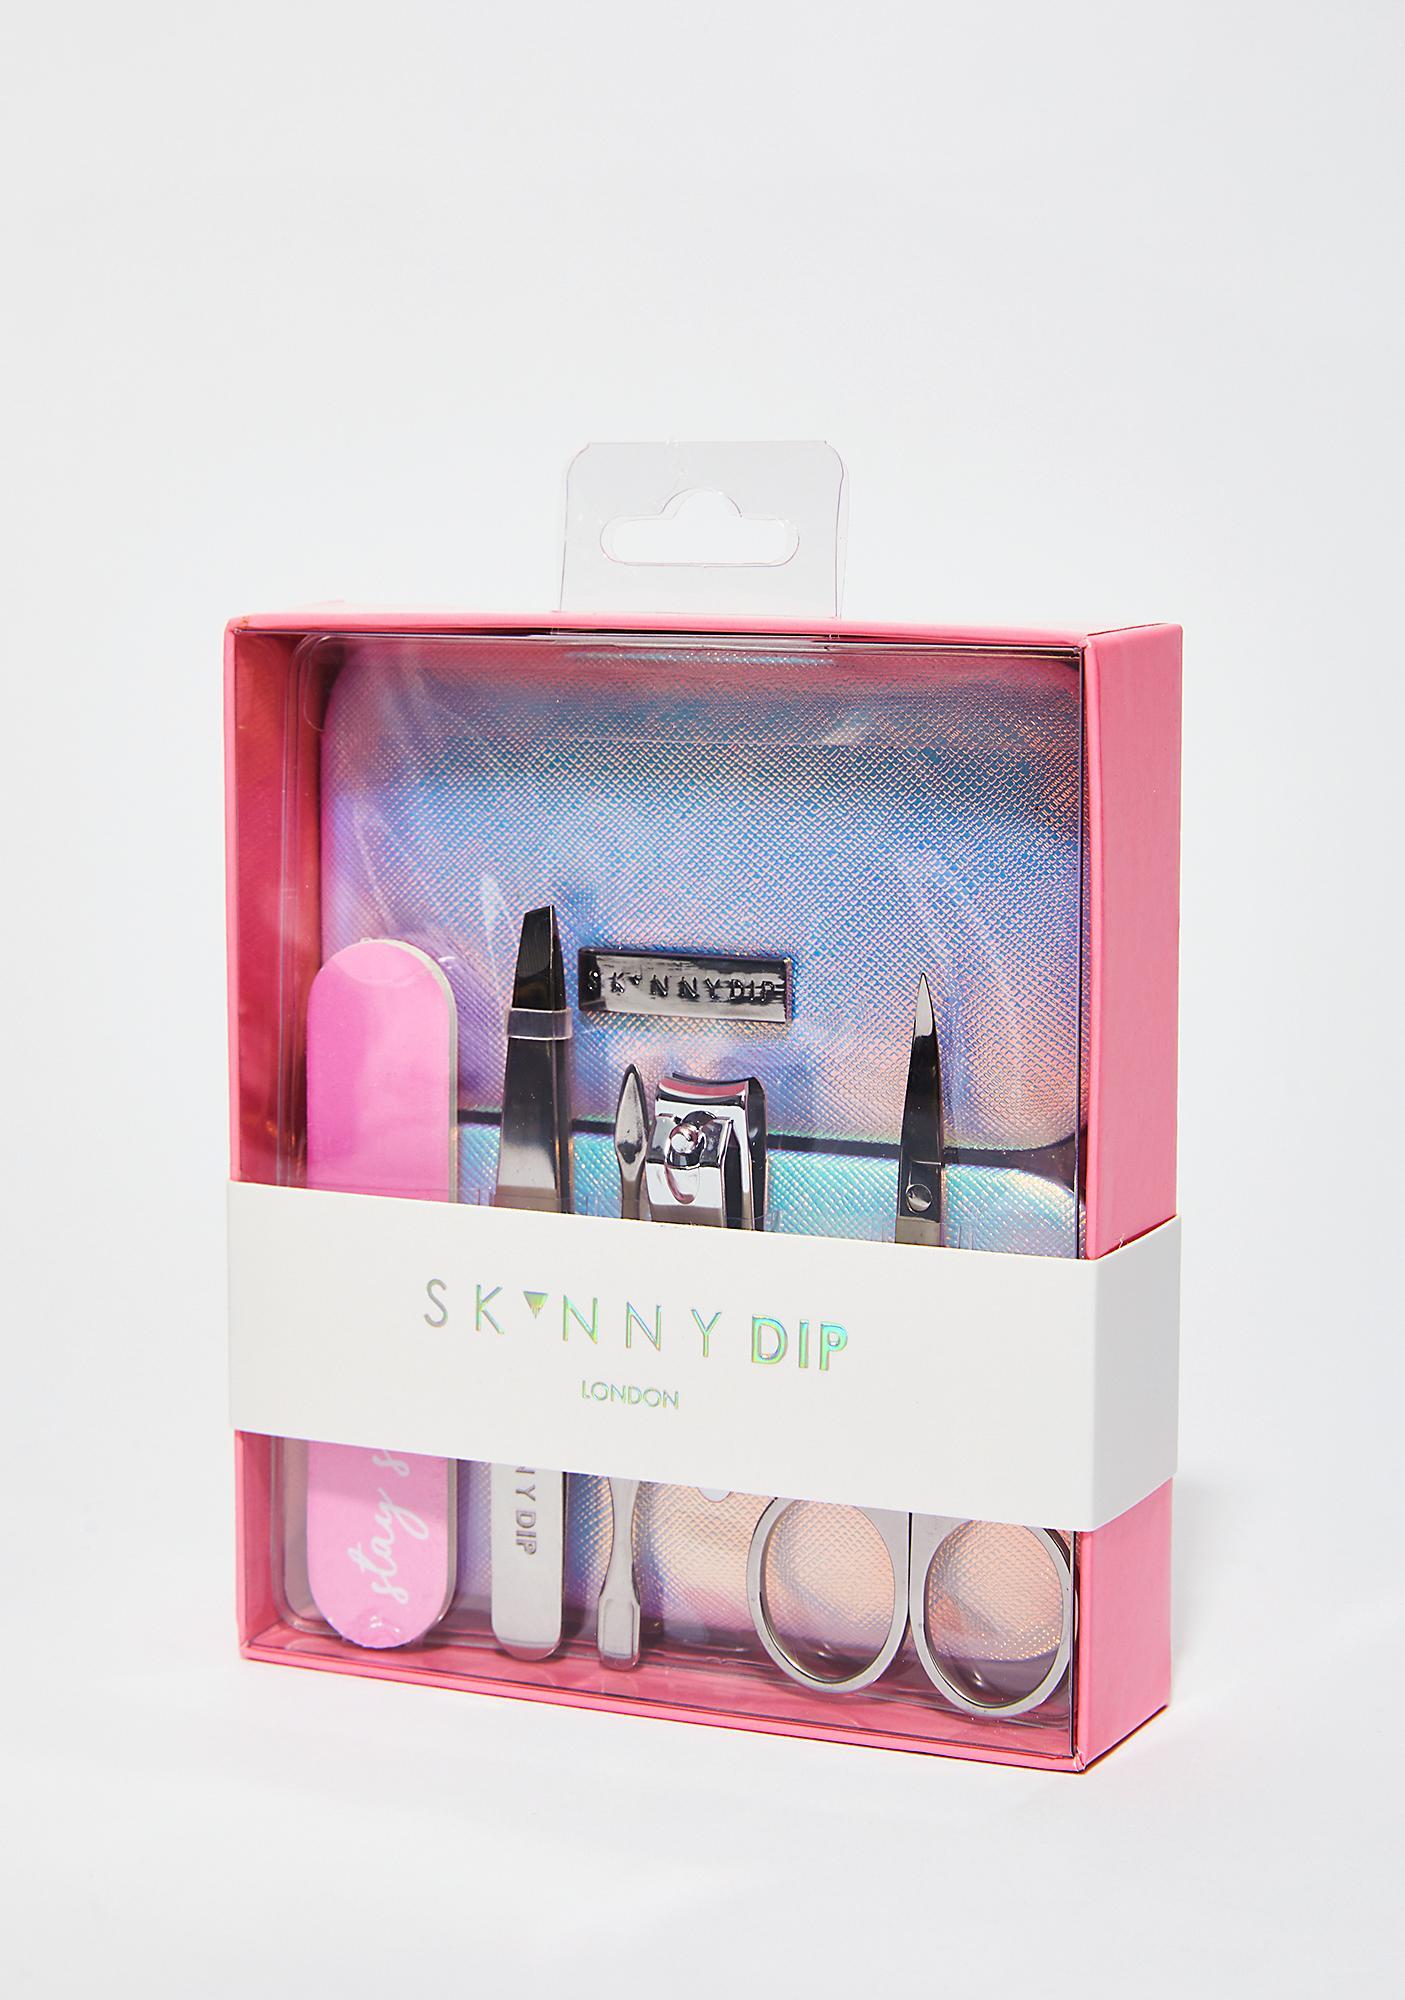 Skinnydip Manicure Set